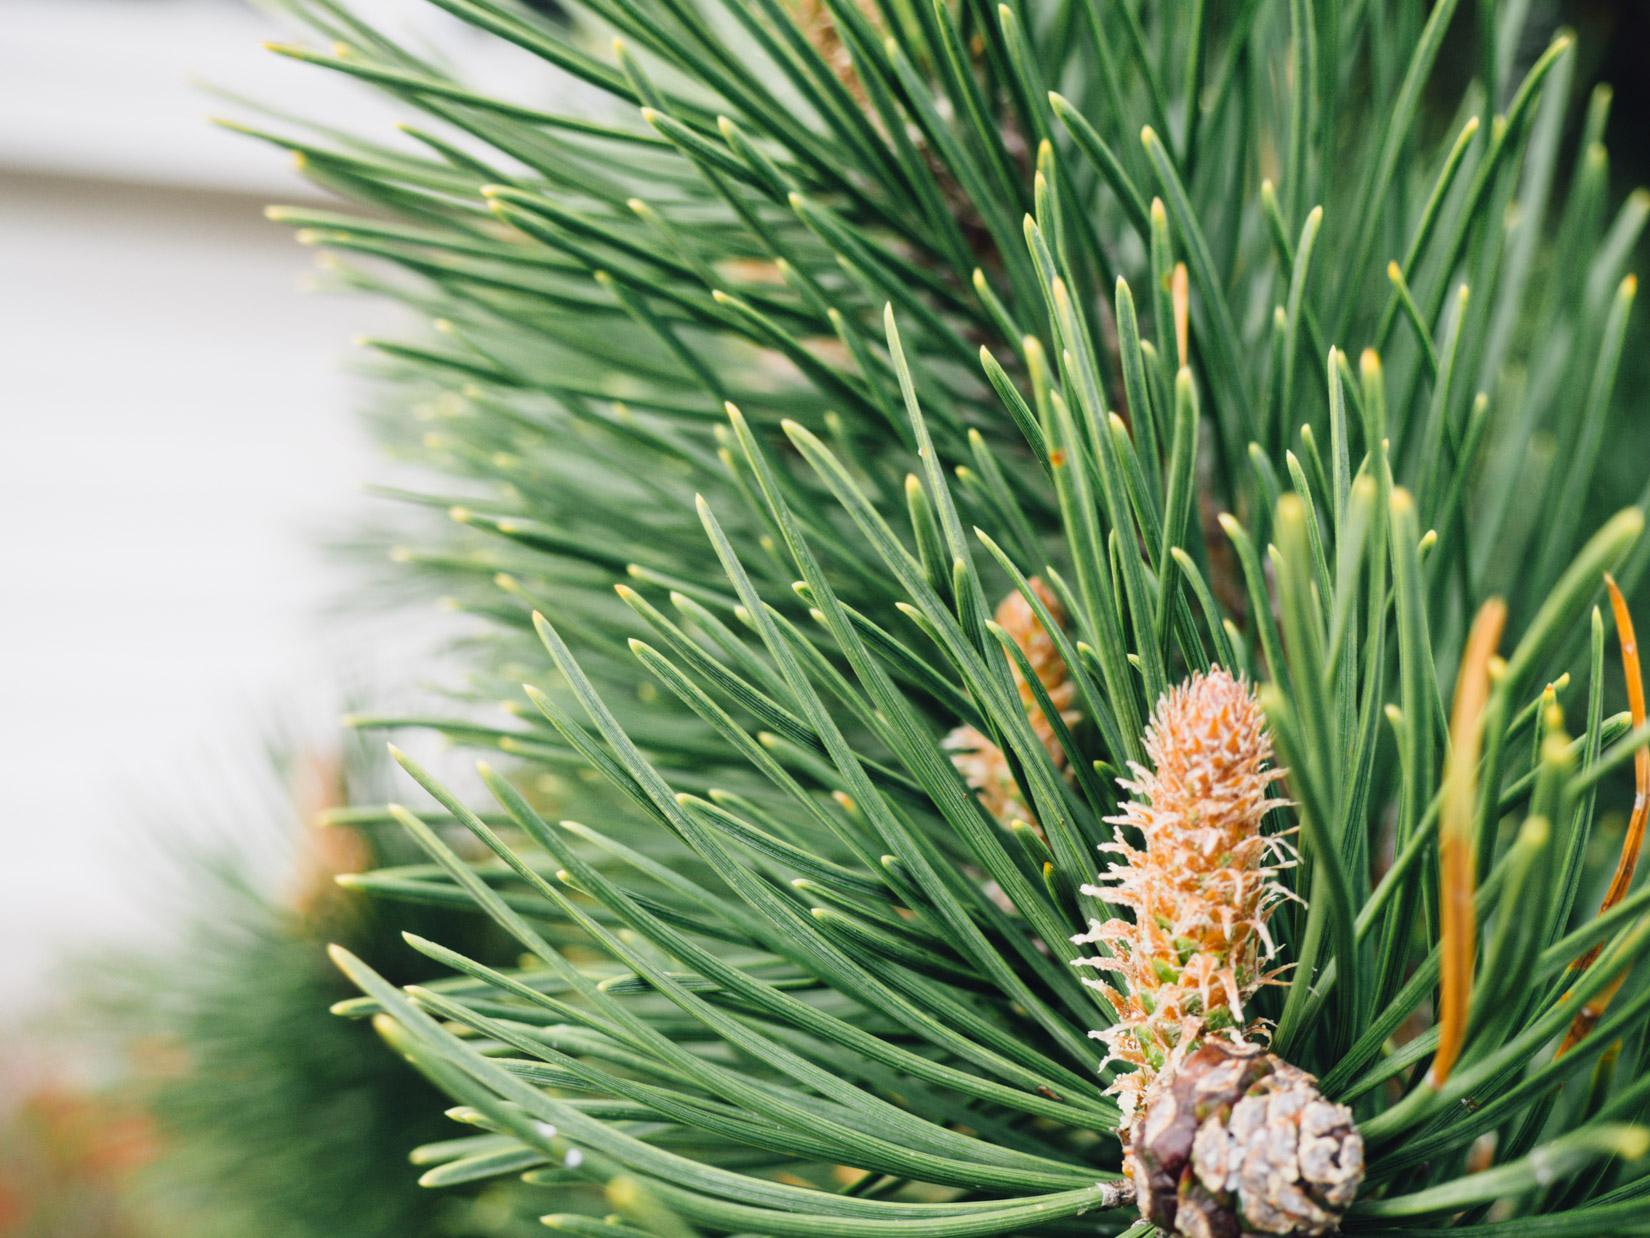 Pine Leaves on Tree